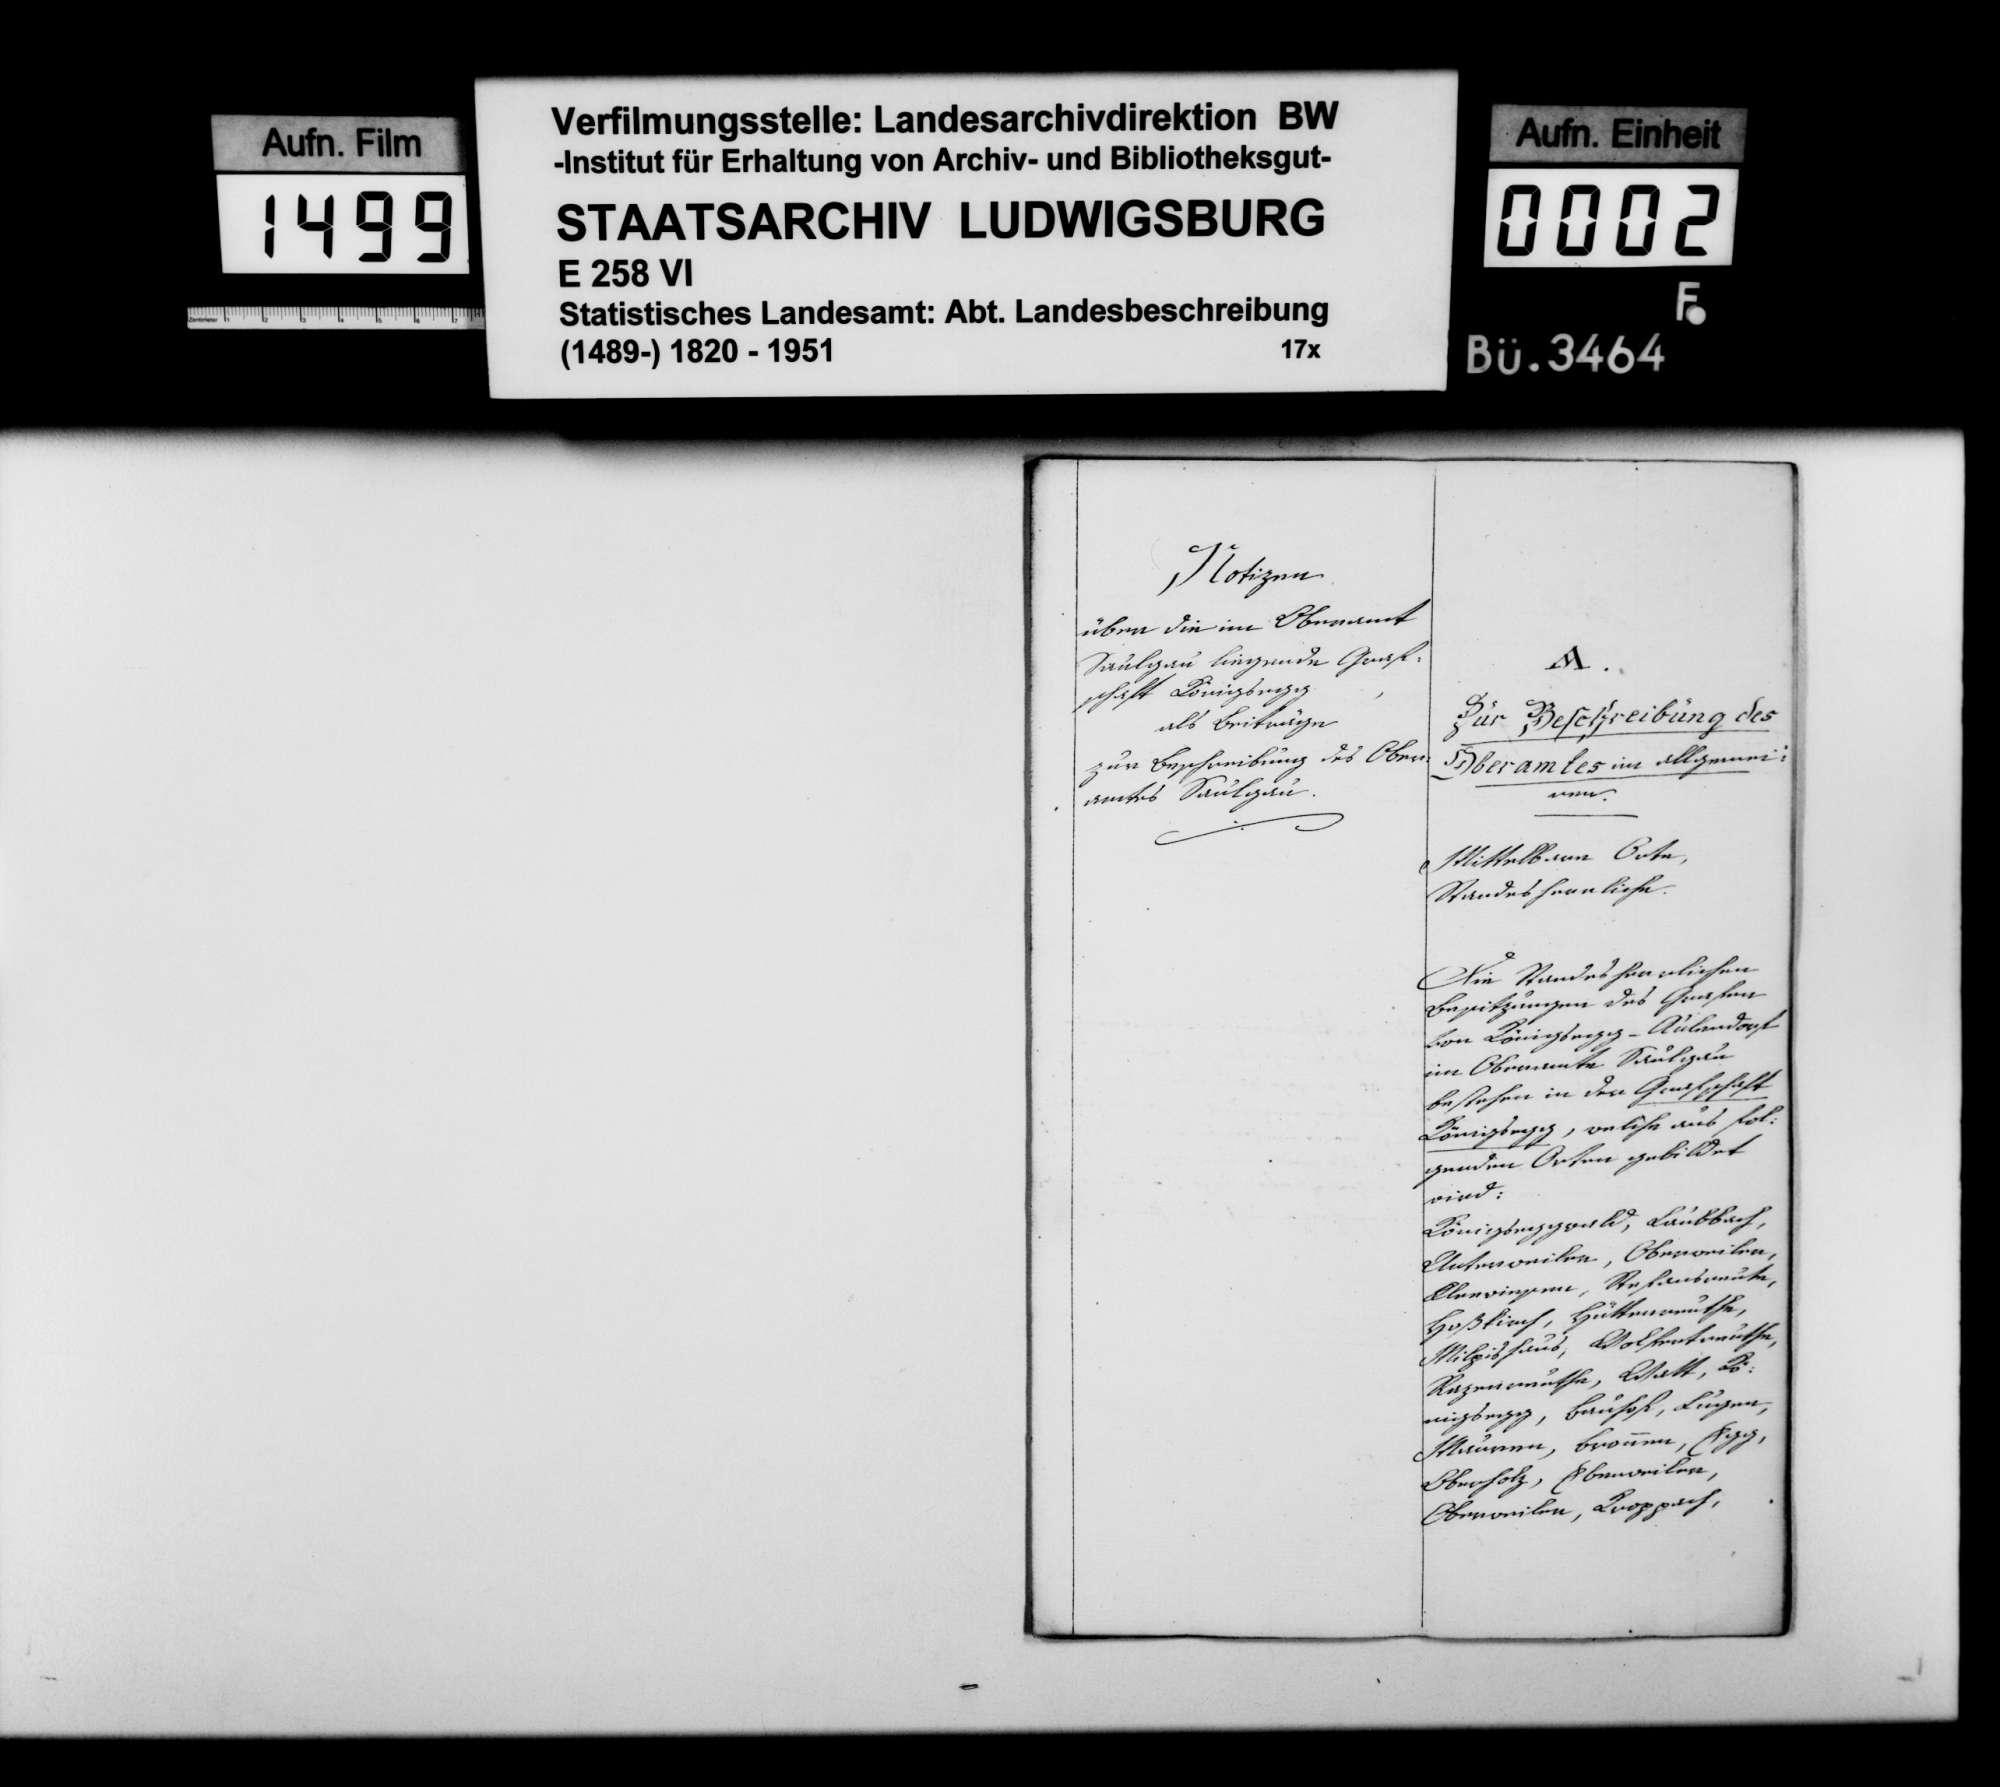 Domäneninspektor Mesmer aus Aulendorf über das Vermögen der Grafen von Königsegg-Aulendorf im Oberamt Saulgau [in der Reihenfolge der OAB], Bild 1